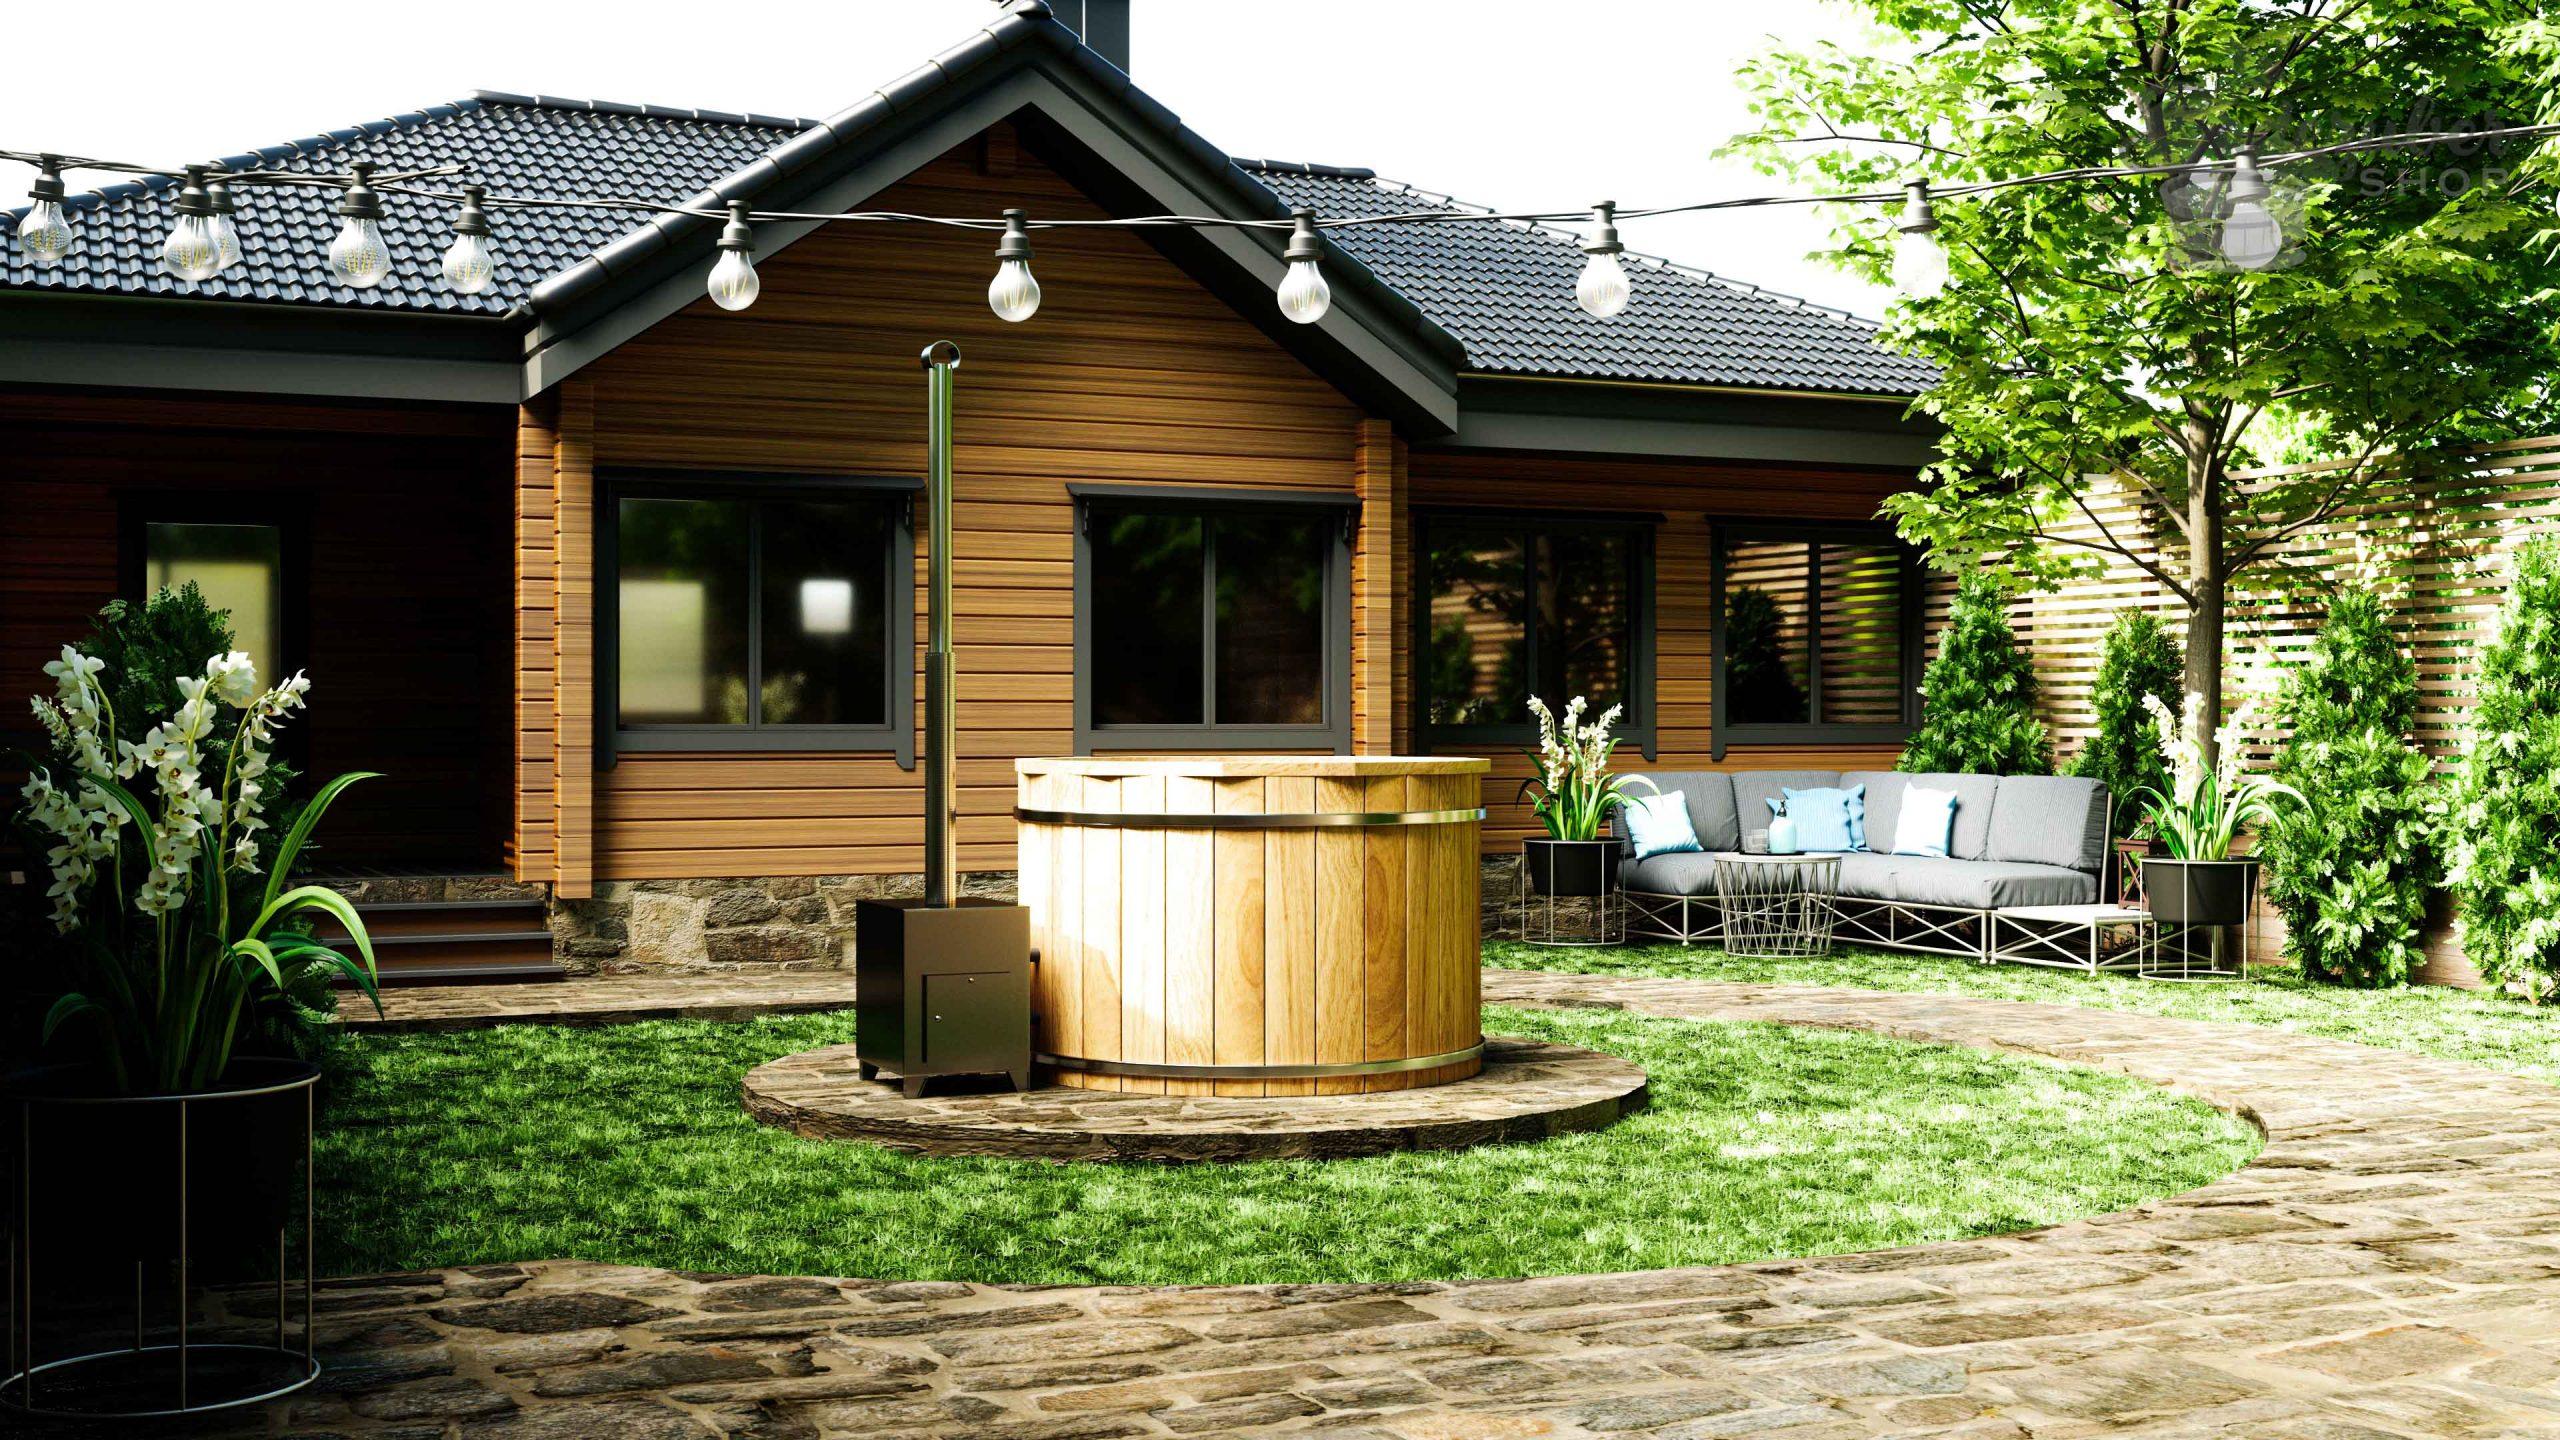 Holz Badefass mit Edelstahlbecken und außen Ofen